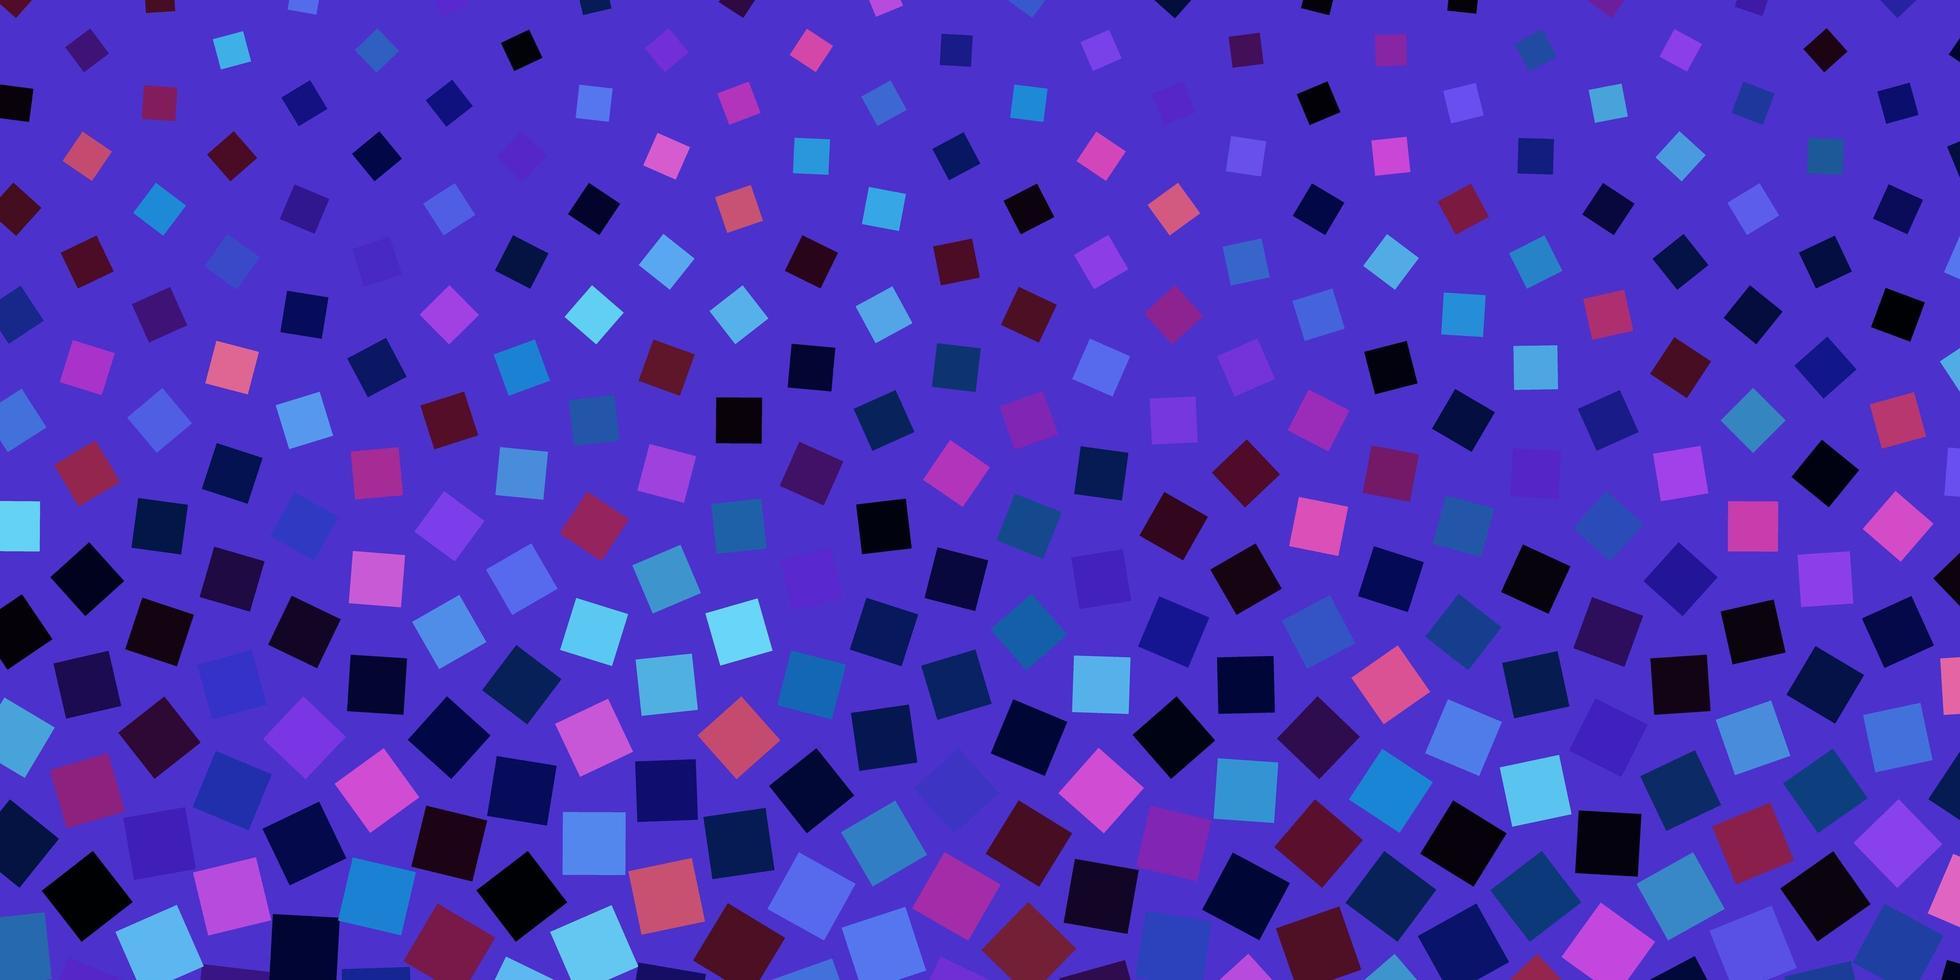 plantilla de vector azul oscuro, rojo con rectángulos.